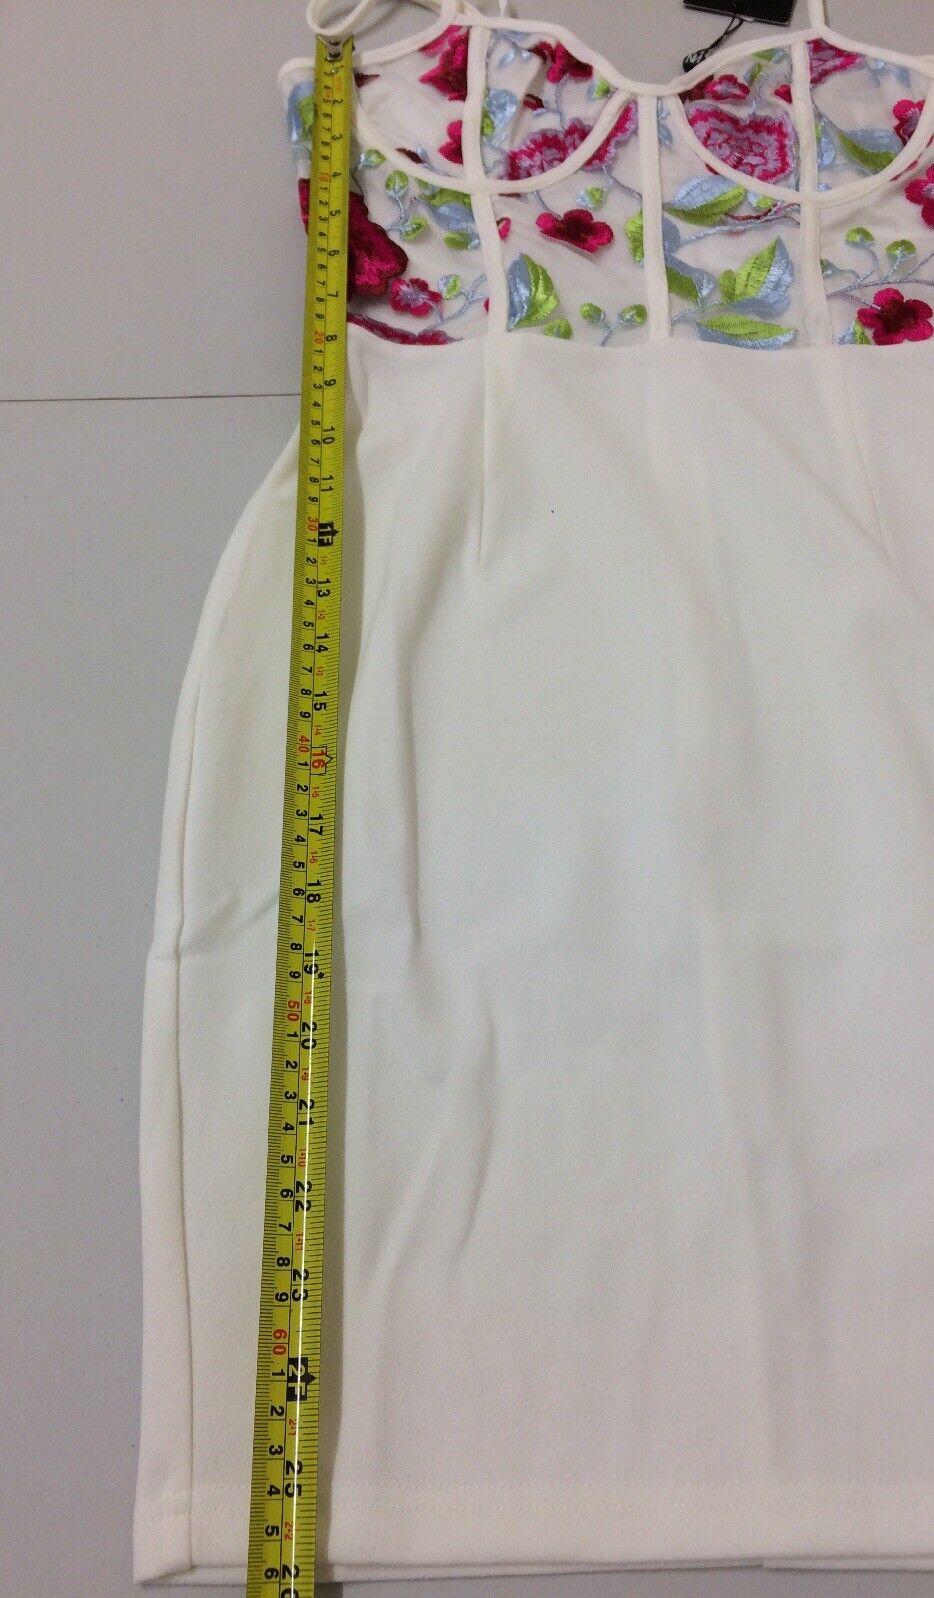 NaaNaa bianca rosa RICAMATO Vestito Bodycon Bodycon Bodycon Lunghezza Mini Taglia 6 RRP  BOX e 93 082740